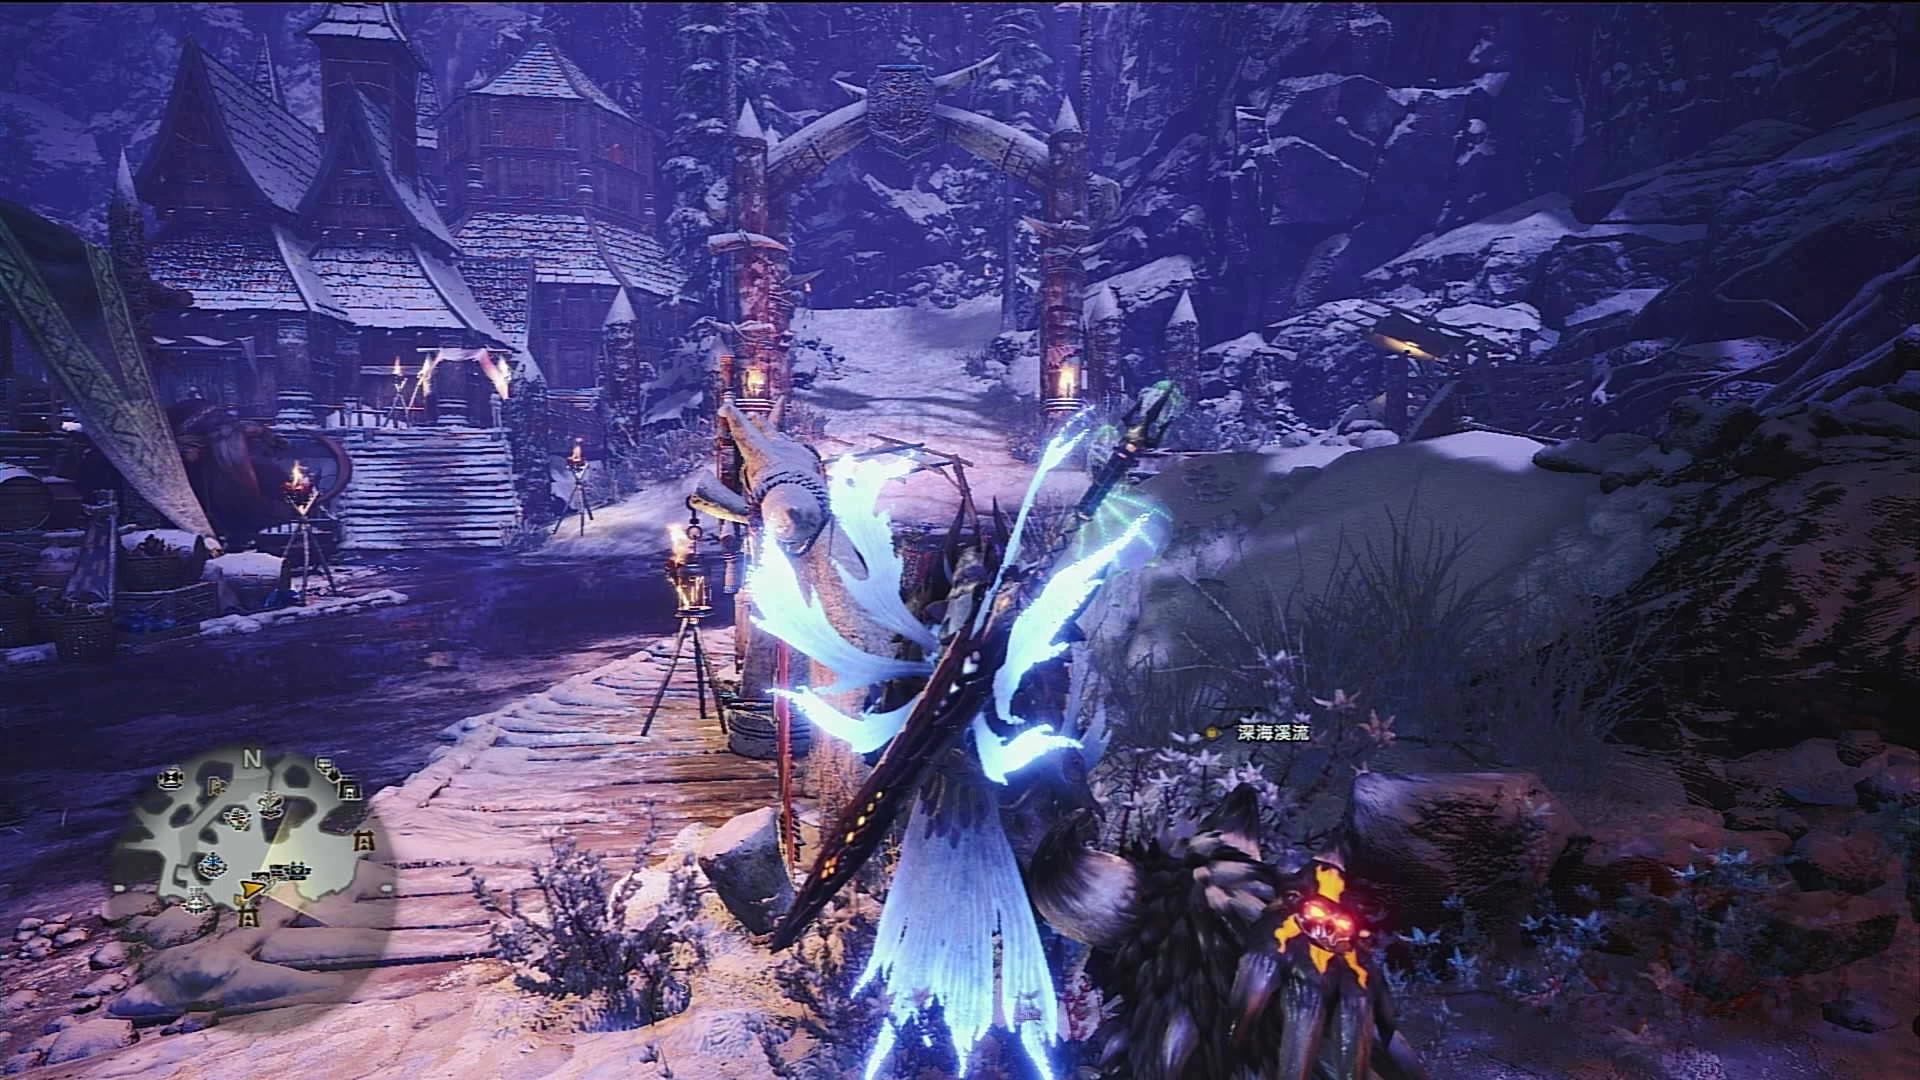 PS4怪物猎人冰原20200613概况,学玩太刀单挑历战雷狼王